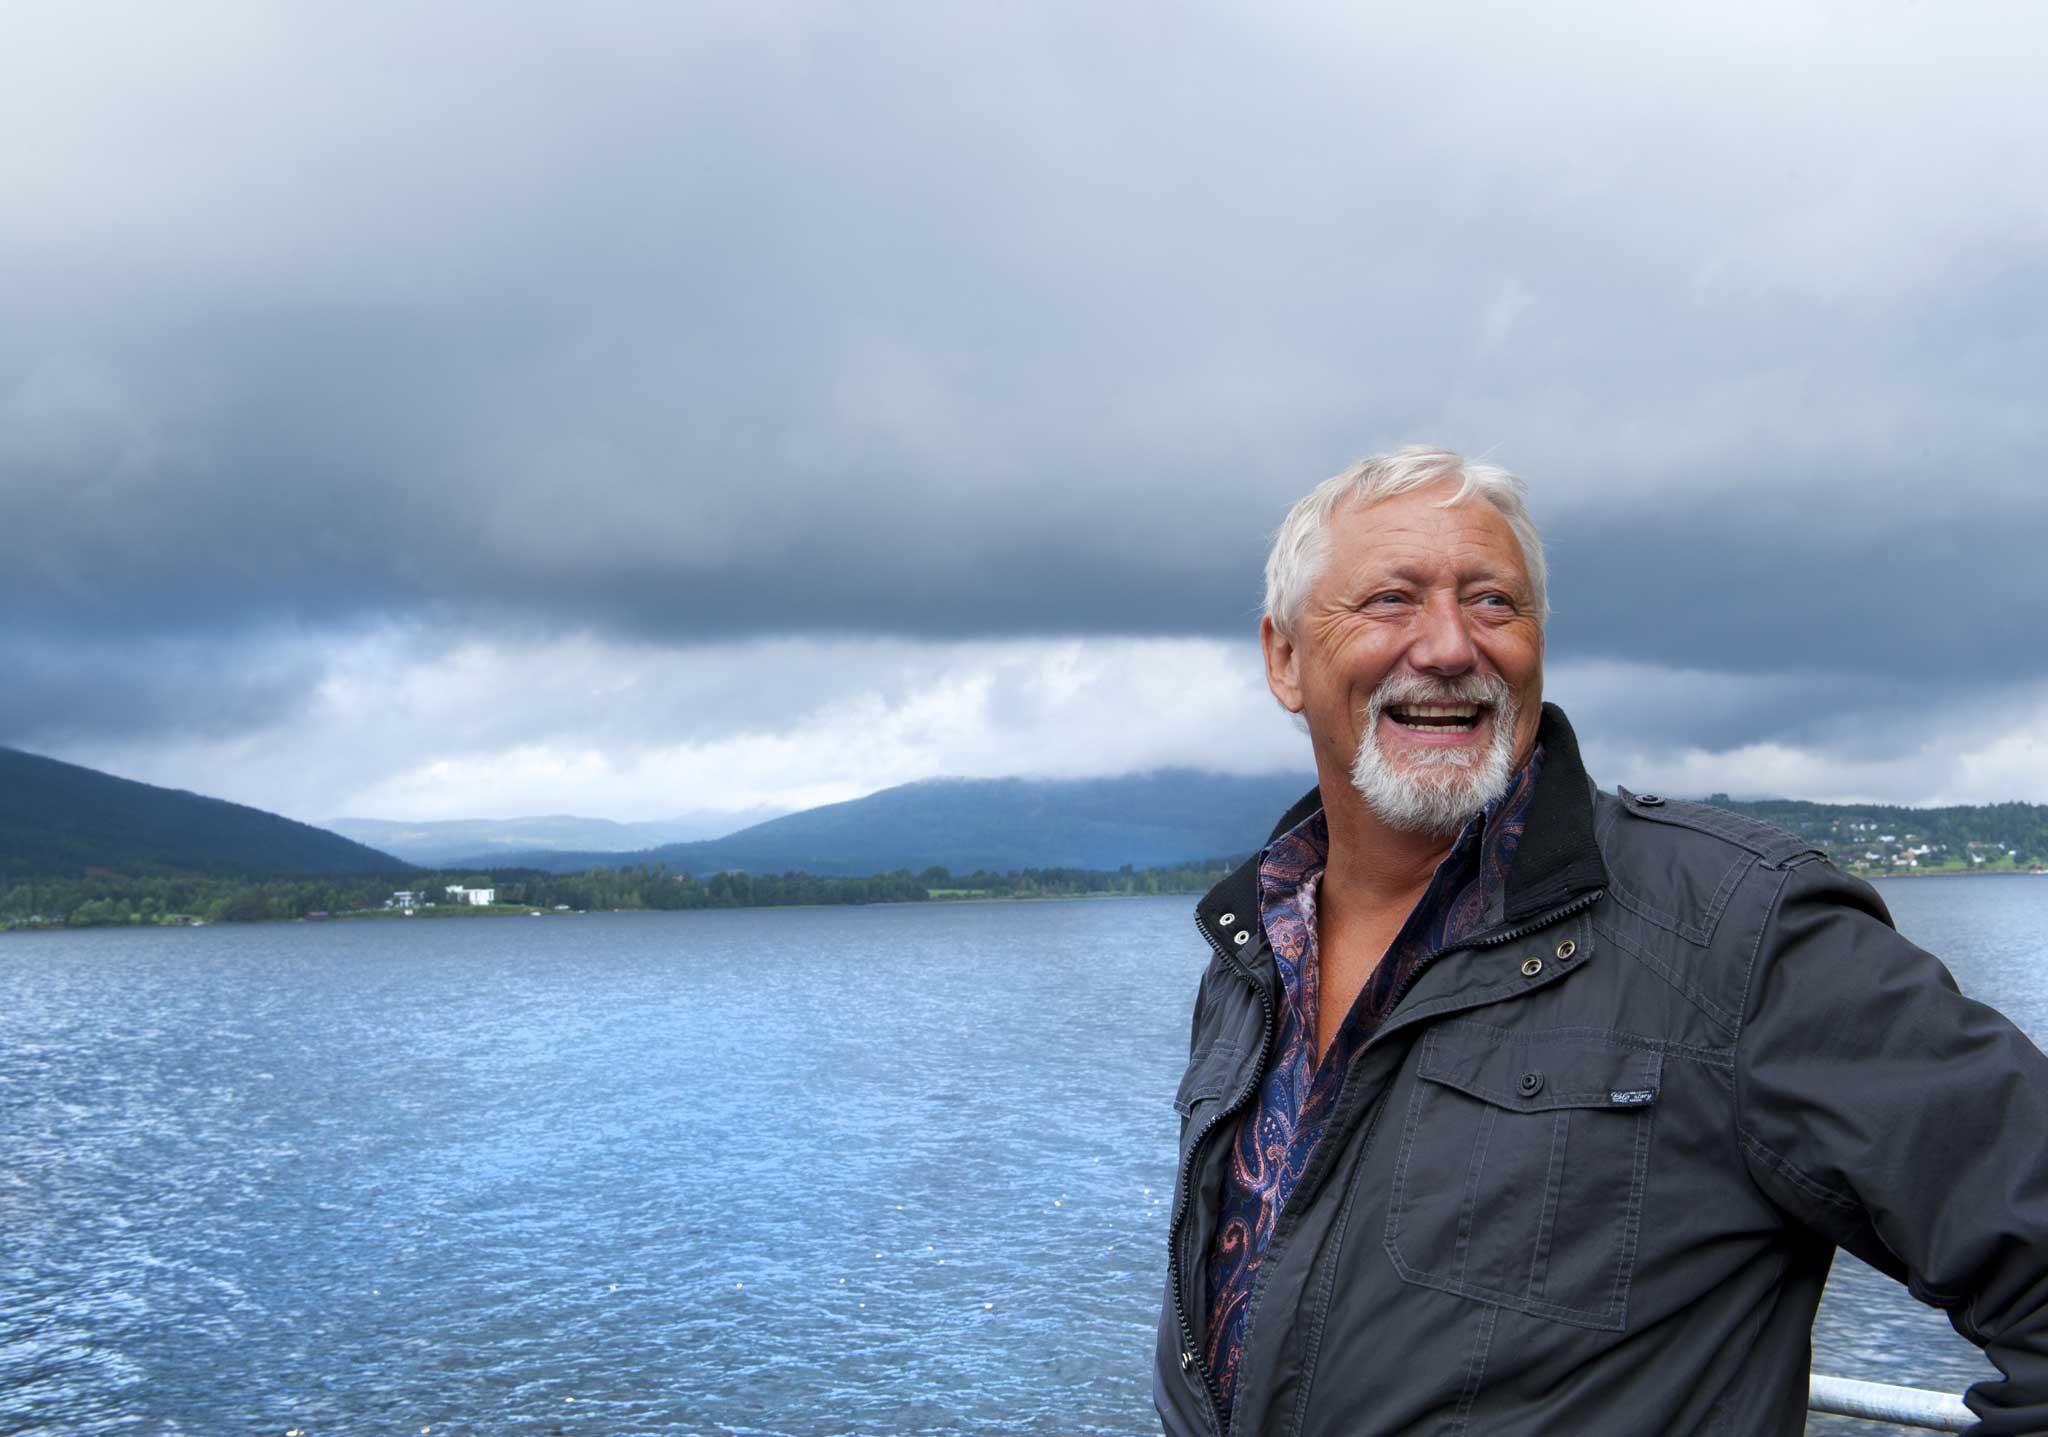 Sven Runar Knutsen fra Krokstadelva mistet synet etter hjerneslag. Nå hjelper han andre i samme situasjon.